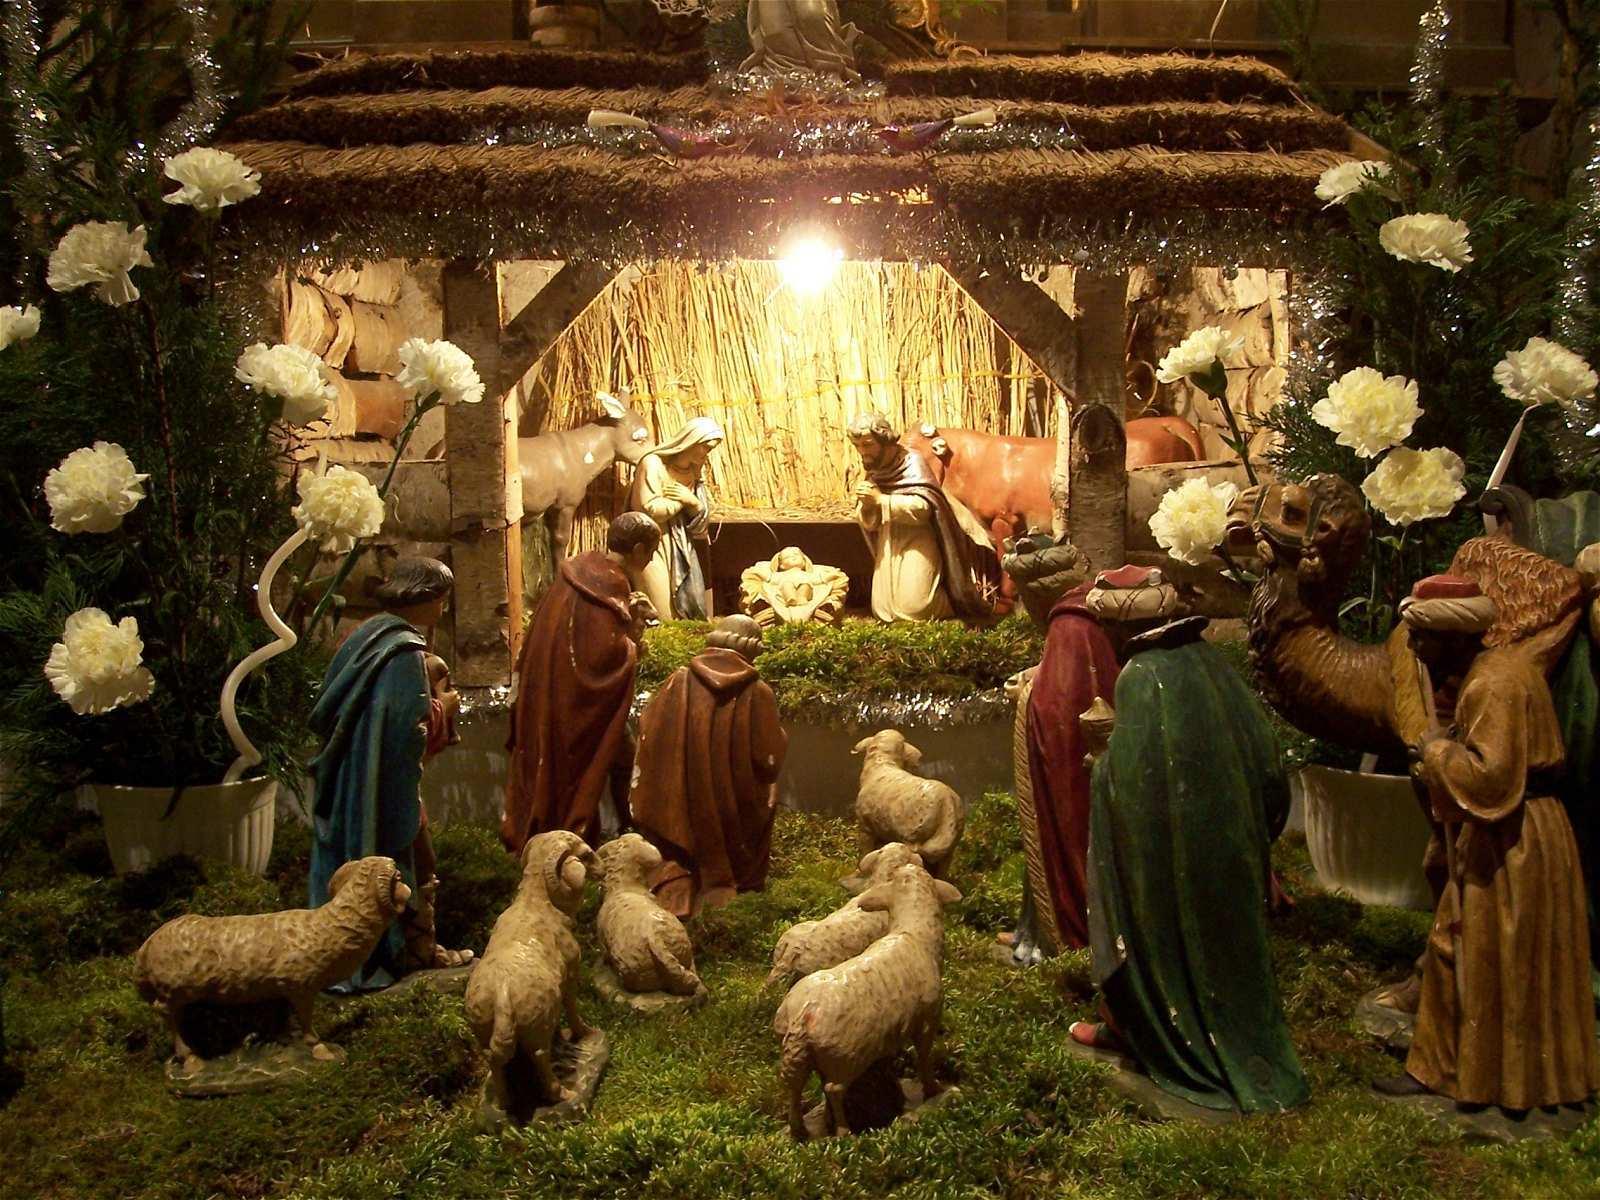 Dicas Para Sua Ceia de Natal e Ano Novo (começo hoje uma série de sugestões para suas festas de final de ano... )